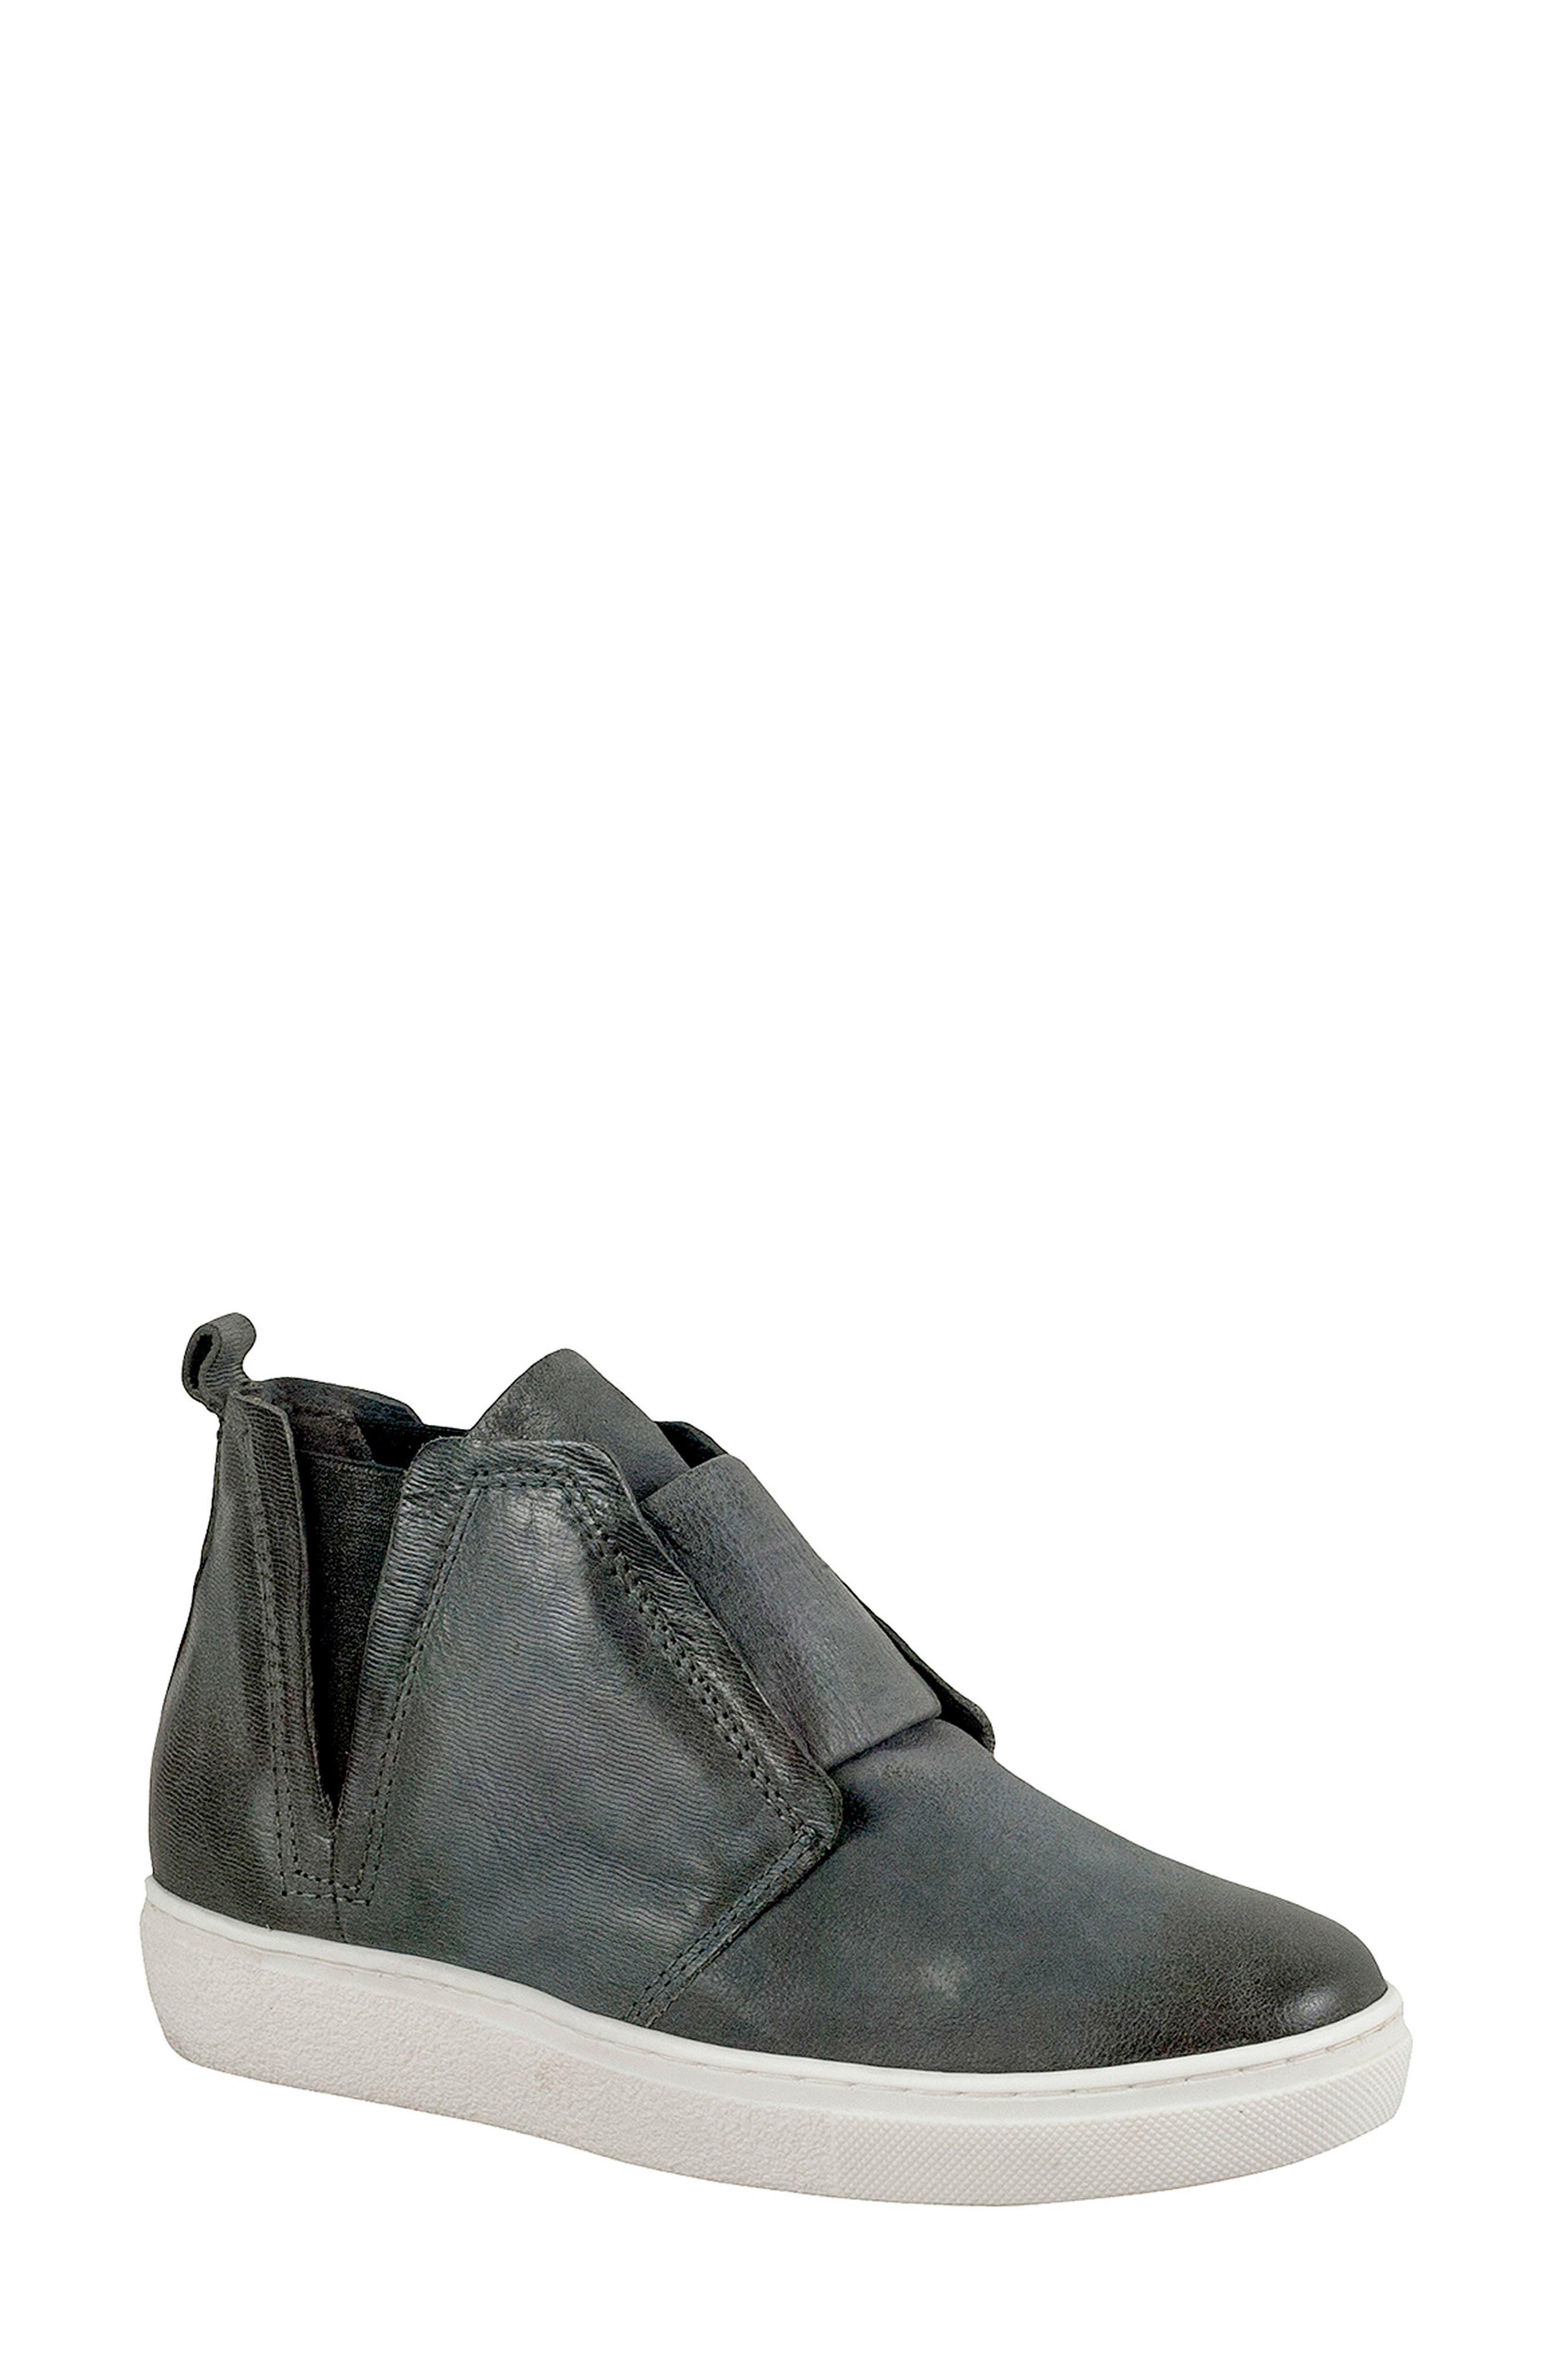 Laurent High Top Sneaker,                         Main,                         color, GRANITE LEATHER